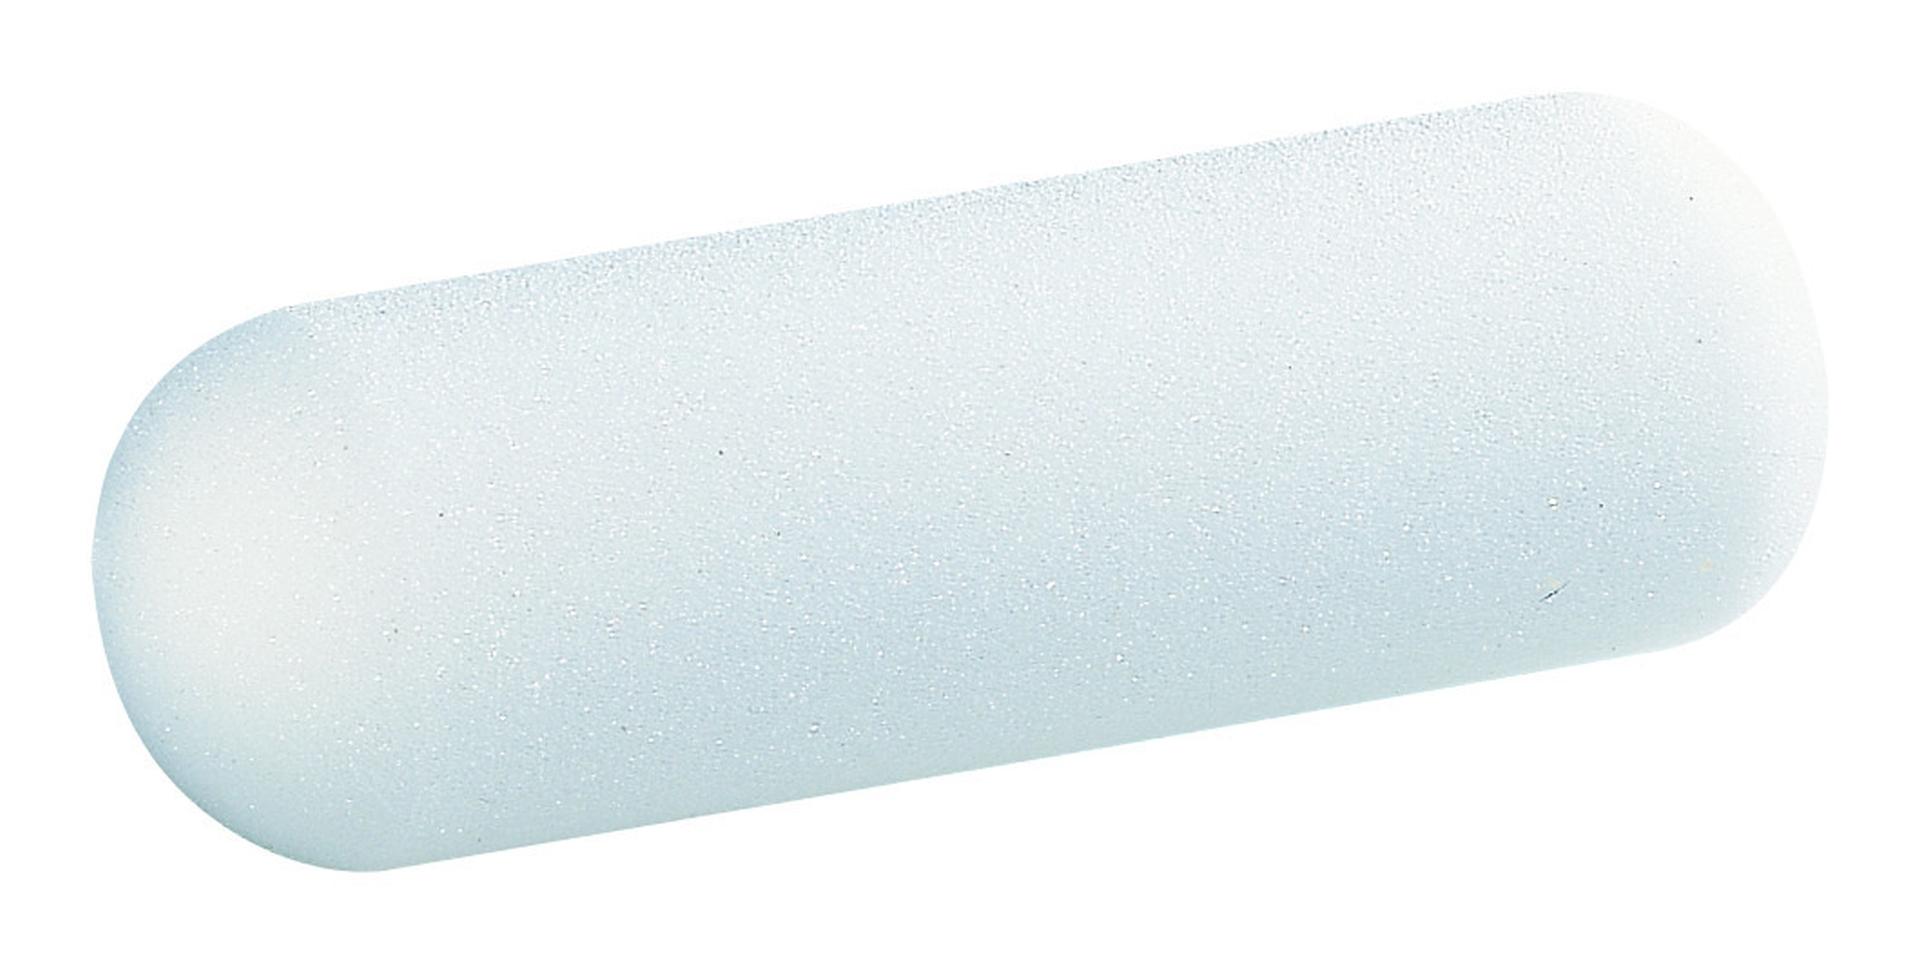 STORCH PROFI** Walze UniTOP molto, Schaumstoff superfein, Breite 11 cm, Außen-Ø 35 mm, 10-er Pack